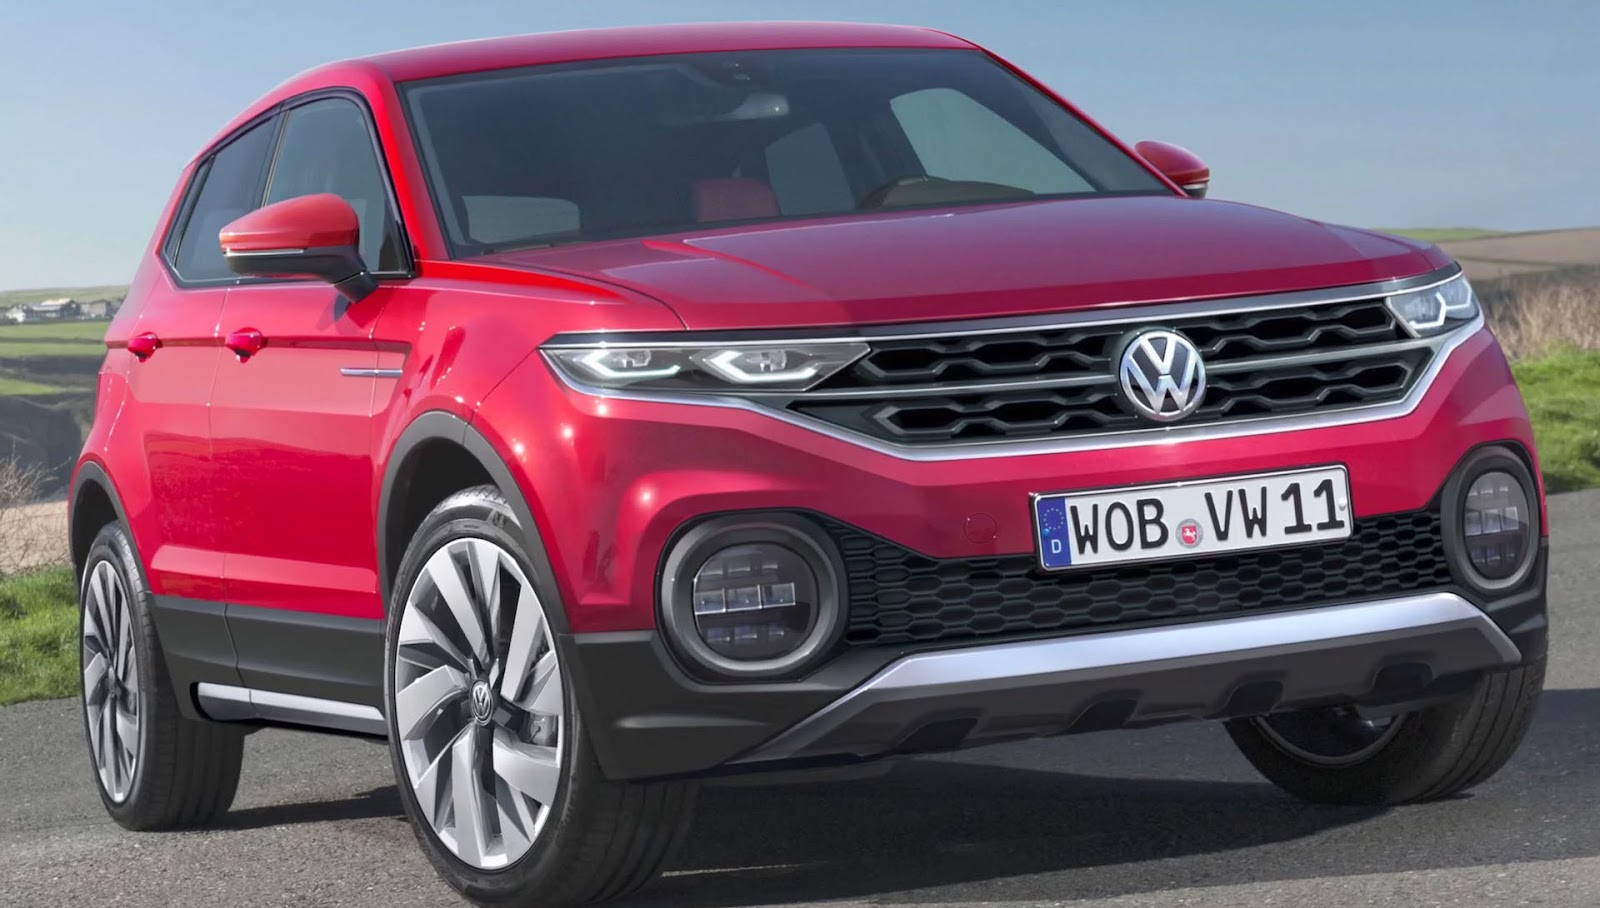 foto volkswagen t-cross vista frontale e profilo sinistro colore rosso